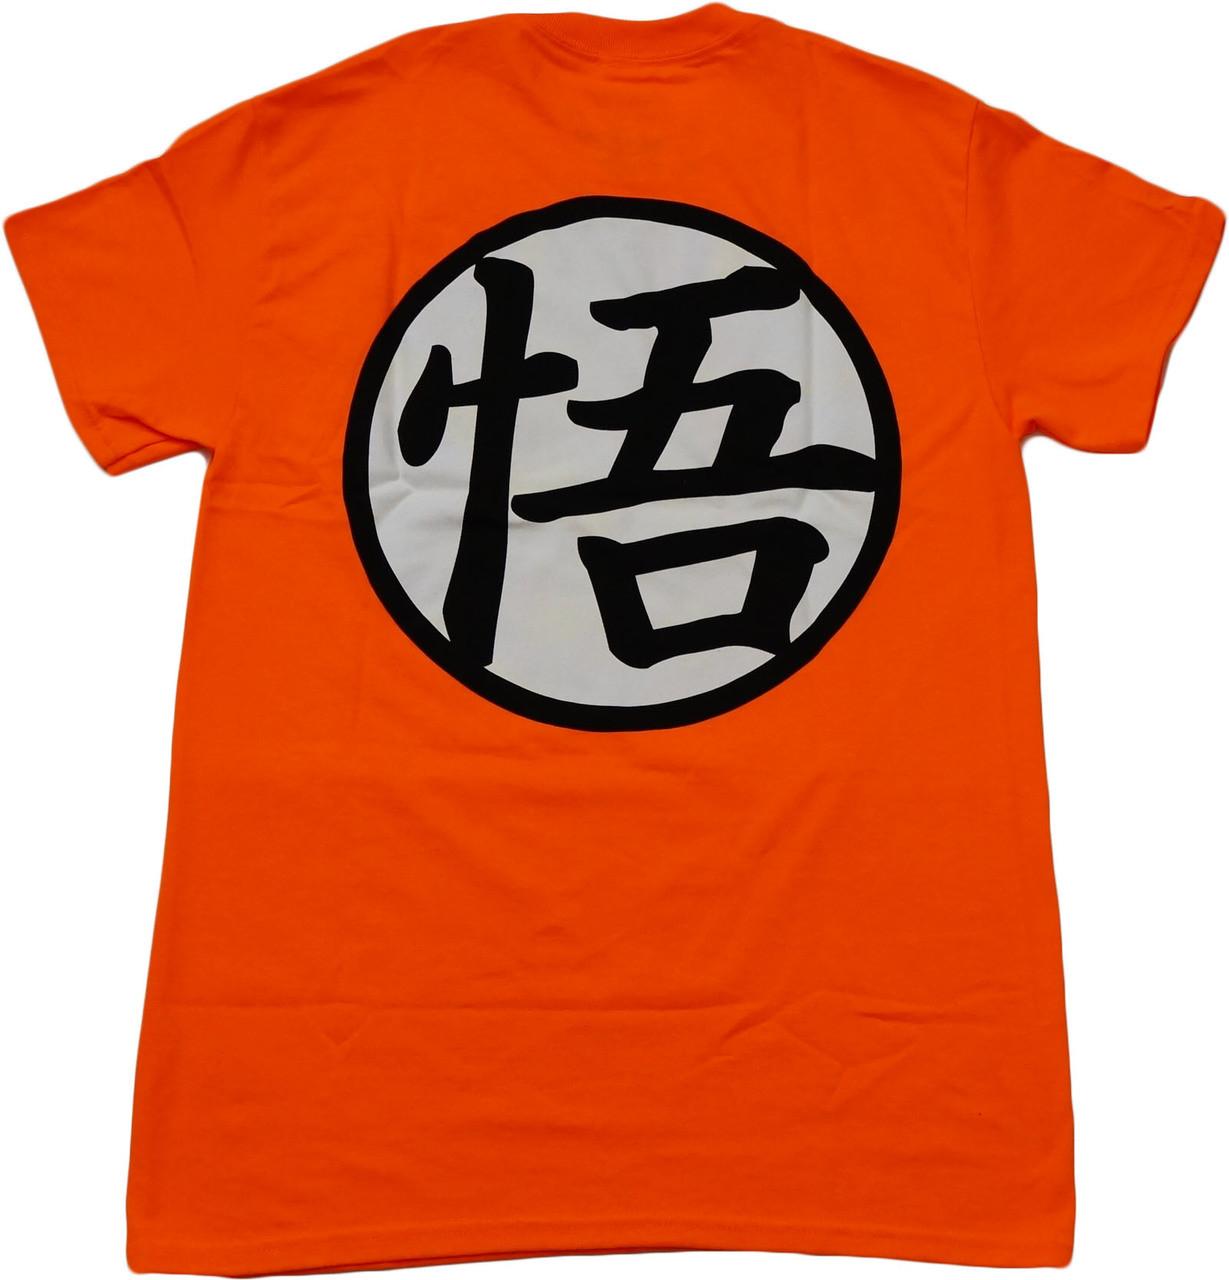 9ac29cf2a Dragon Ball Z Goku Kame Turtle/ King Kai Symbol Men's T-Shirt ...